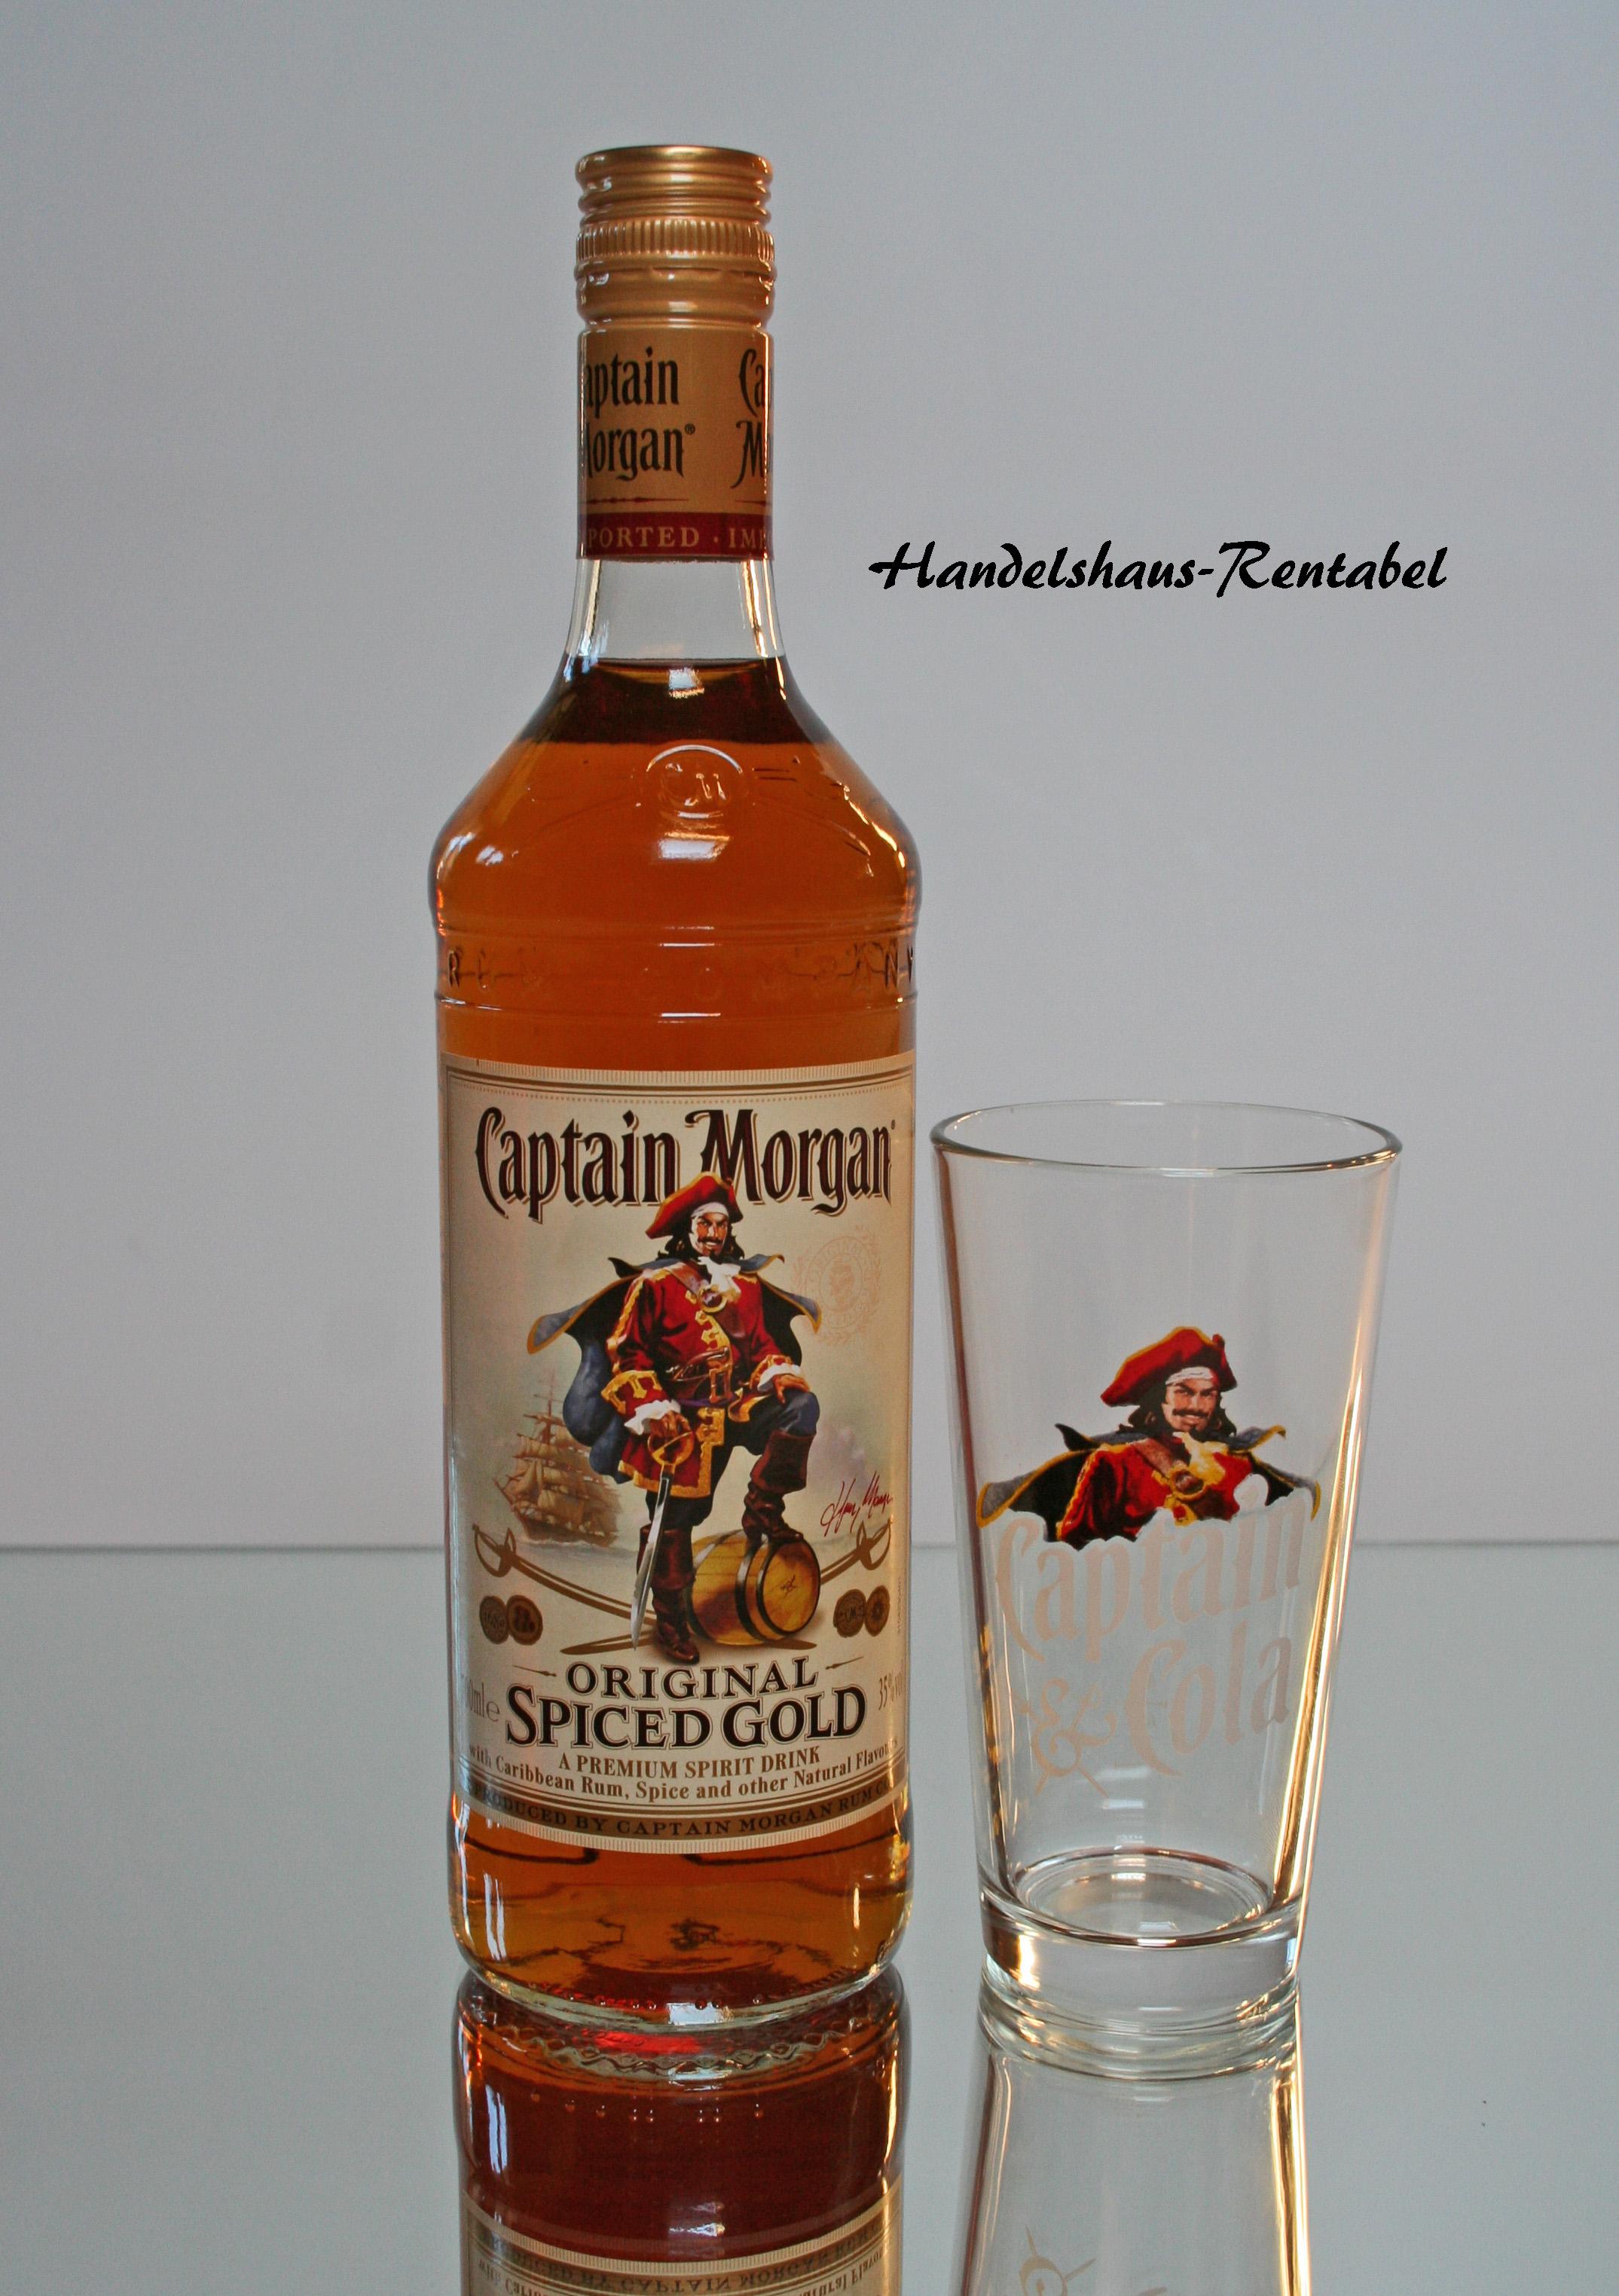 captain morgan spiced gold rum 35 0 0 7 ltr original. Black Bedroom Furniture Sets. Home Design Ideas